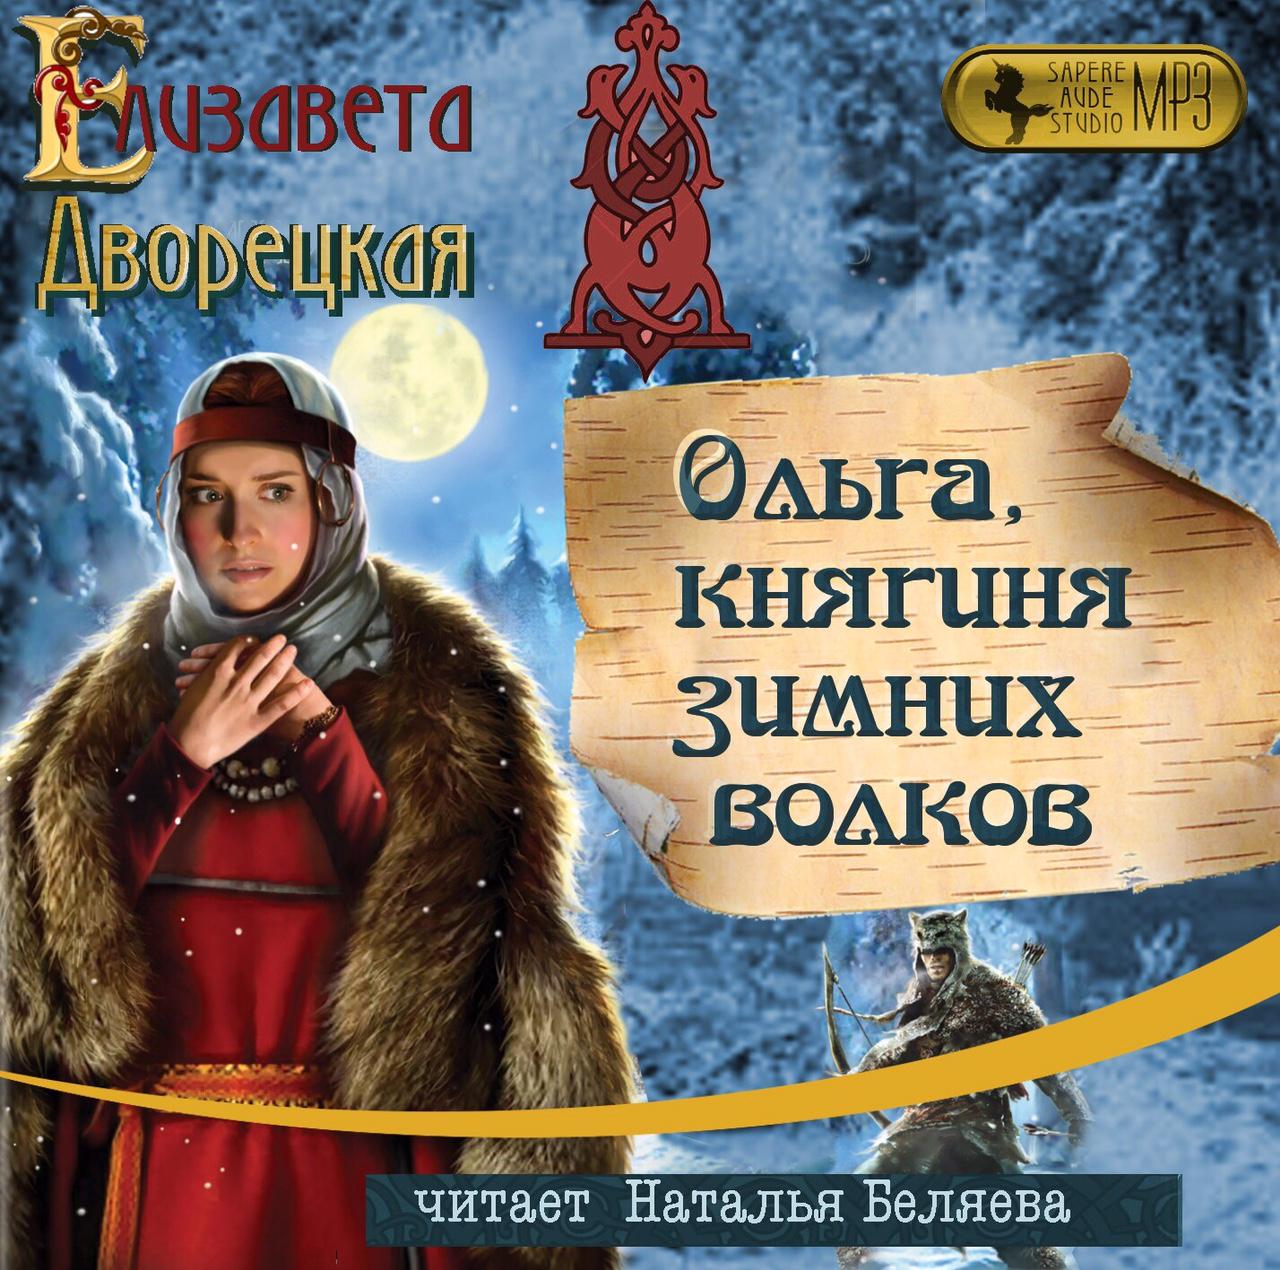 Елизавета Дворецкая Ольга, княгиня зимних волков дворецкая елизавета алексеевна ольга княгиня зимних волков